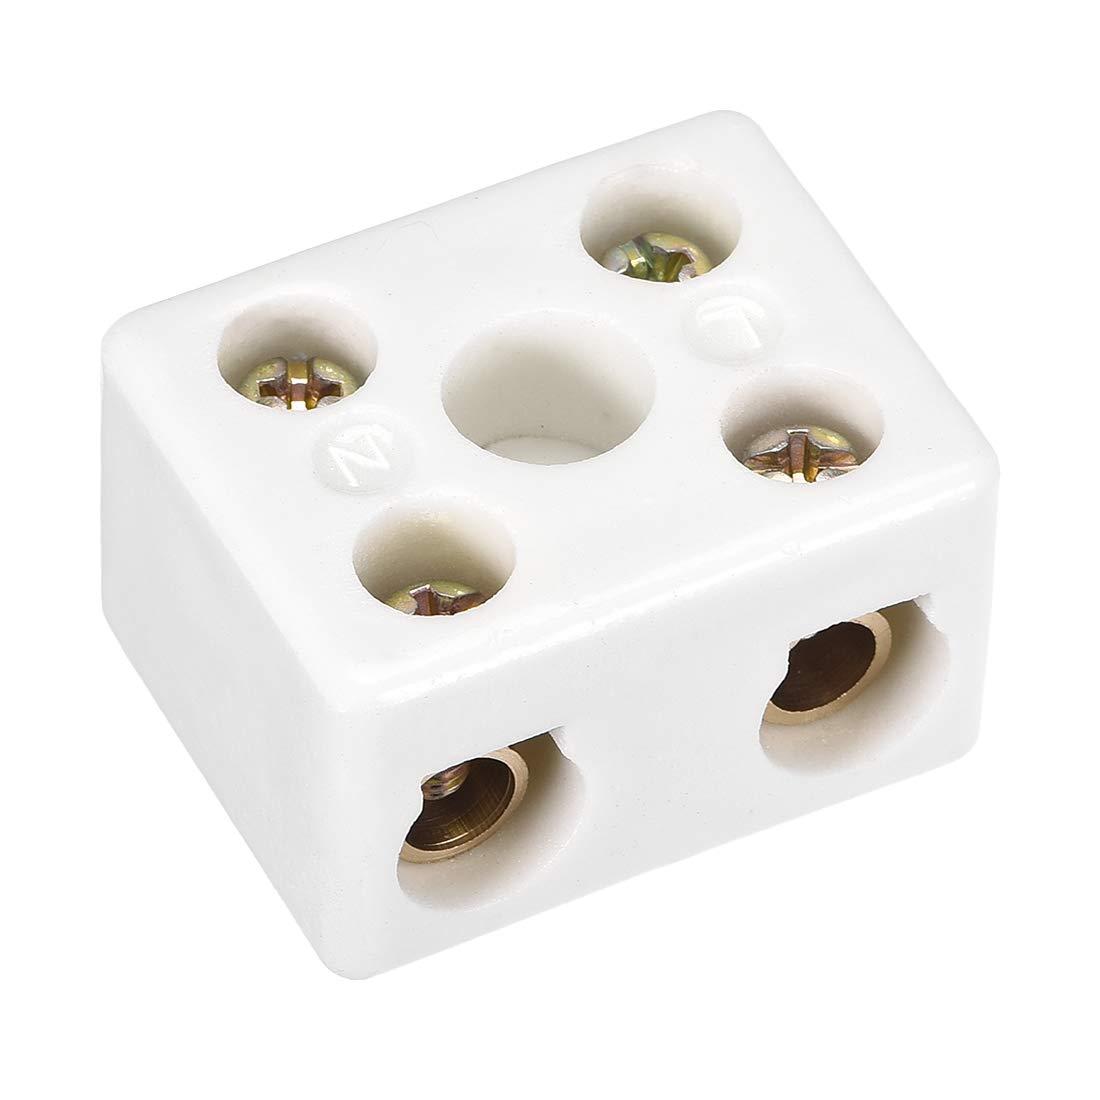 sourcing map 2 Façon céramique haute température Bornier Connecteur porcelaine 39x31.5x23mm